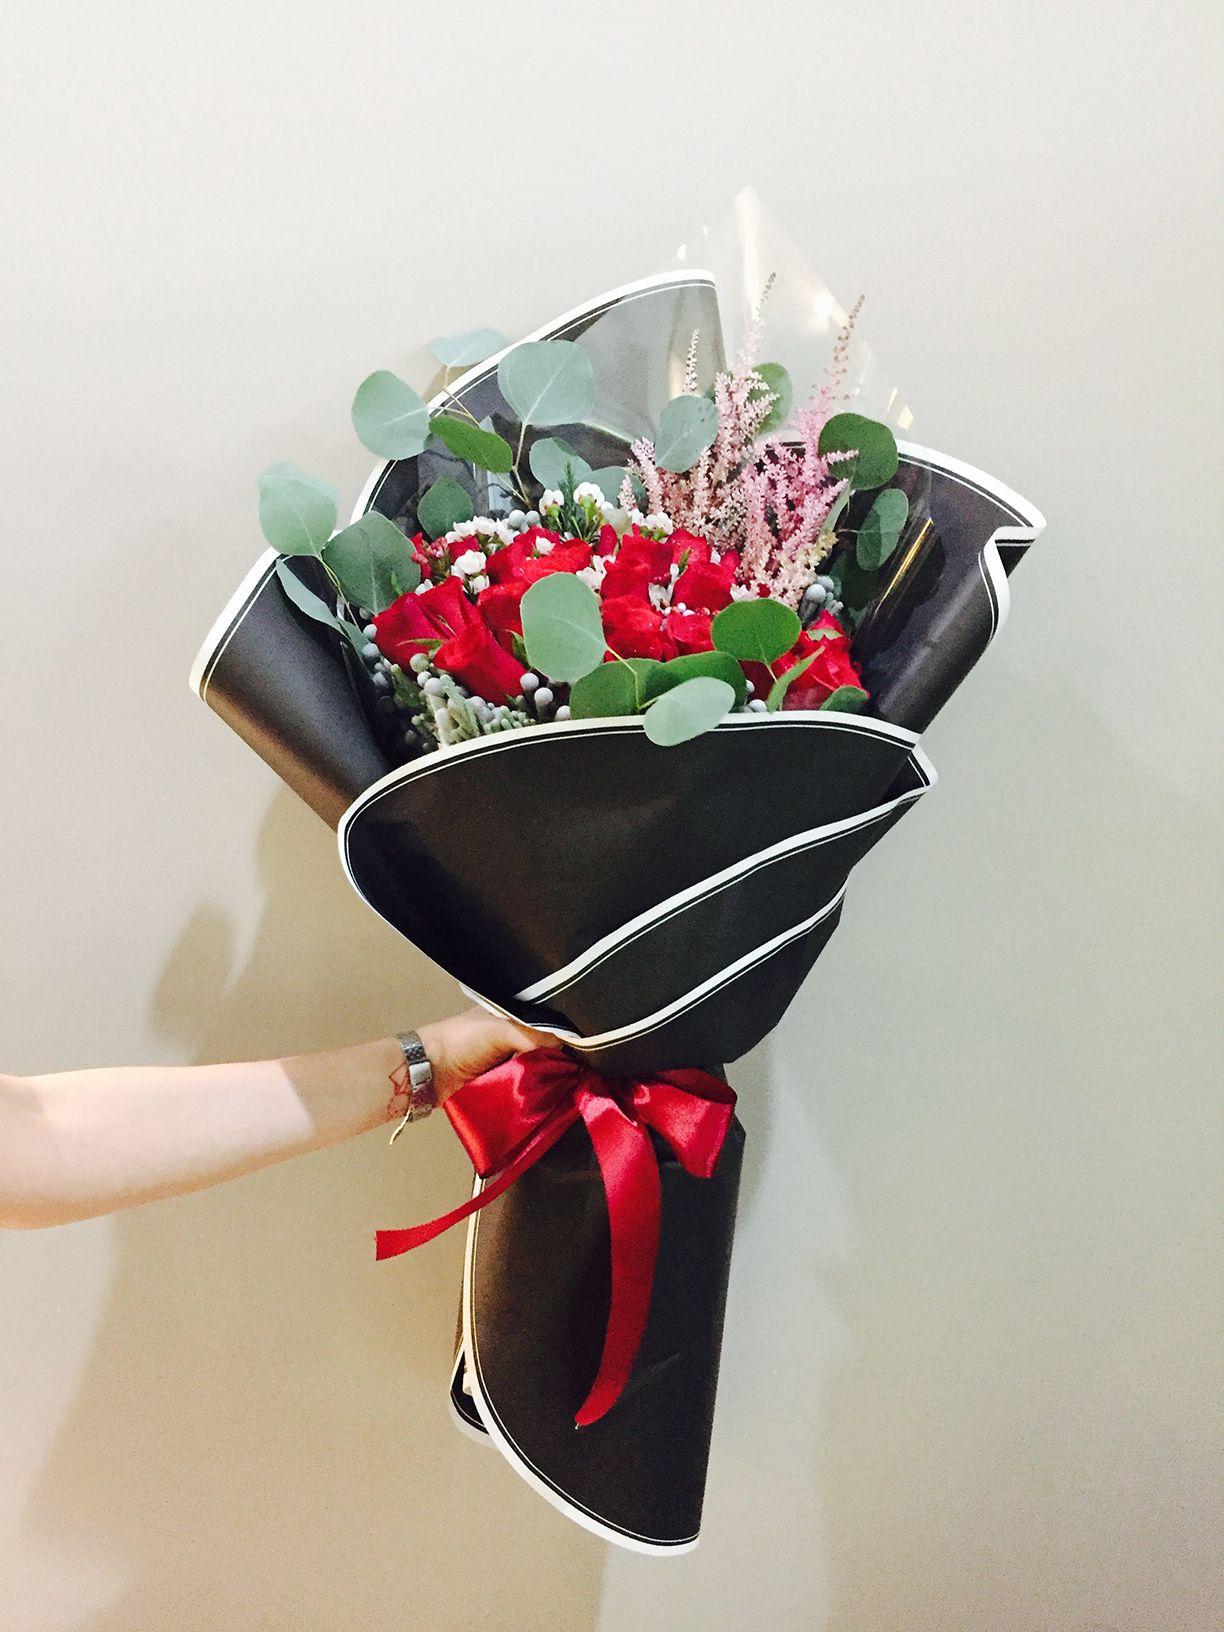 Florist flower bouquet mini bouquet flower designs roses florist flower bouquet mini bouquet flower designs roses izmirmasajfo